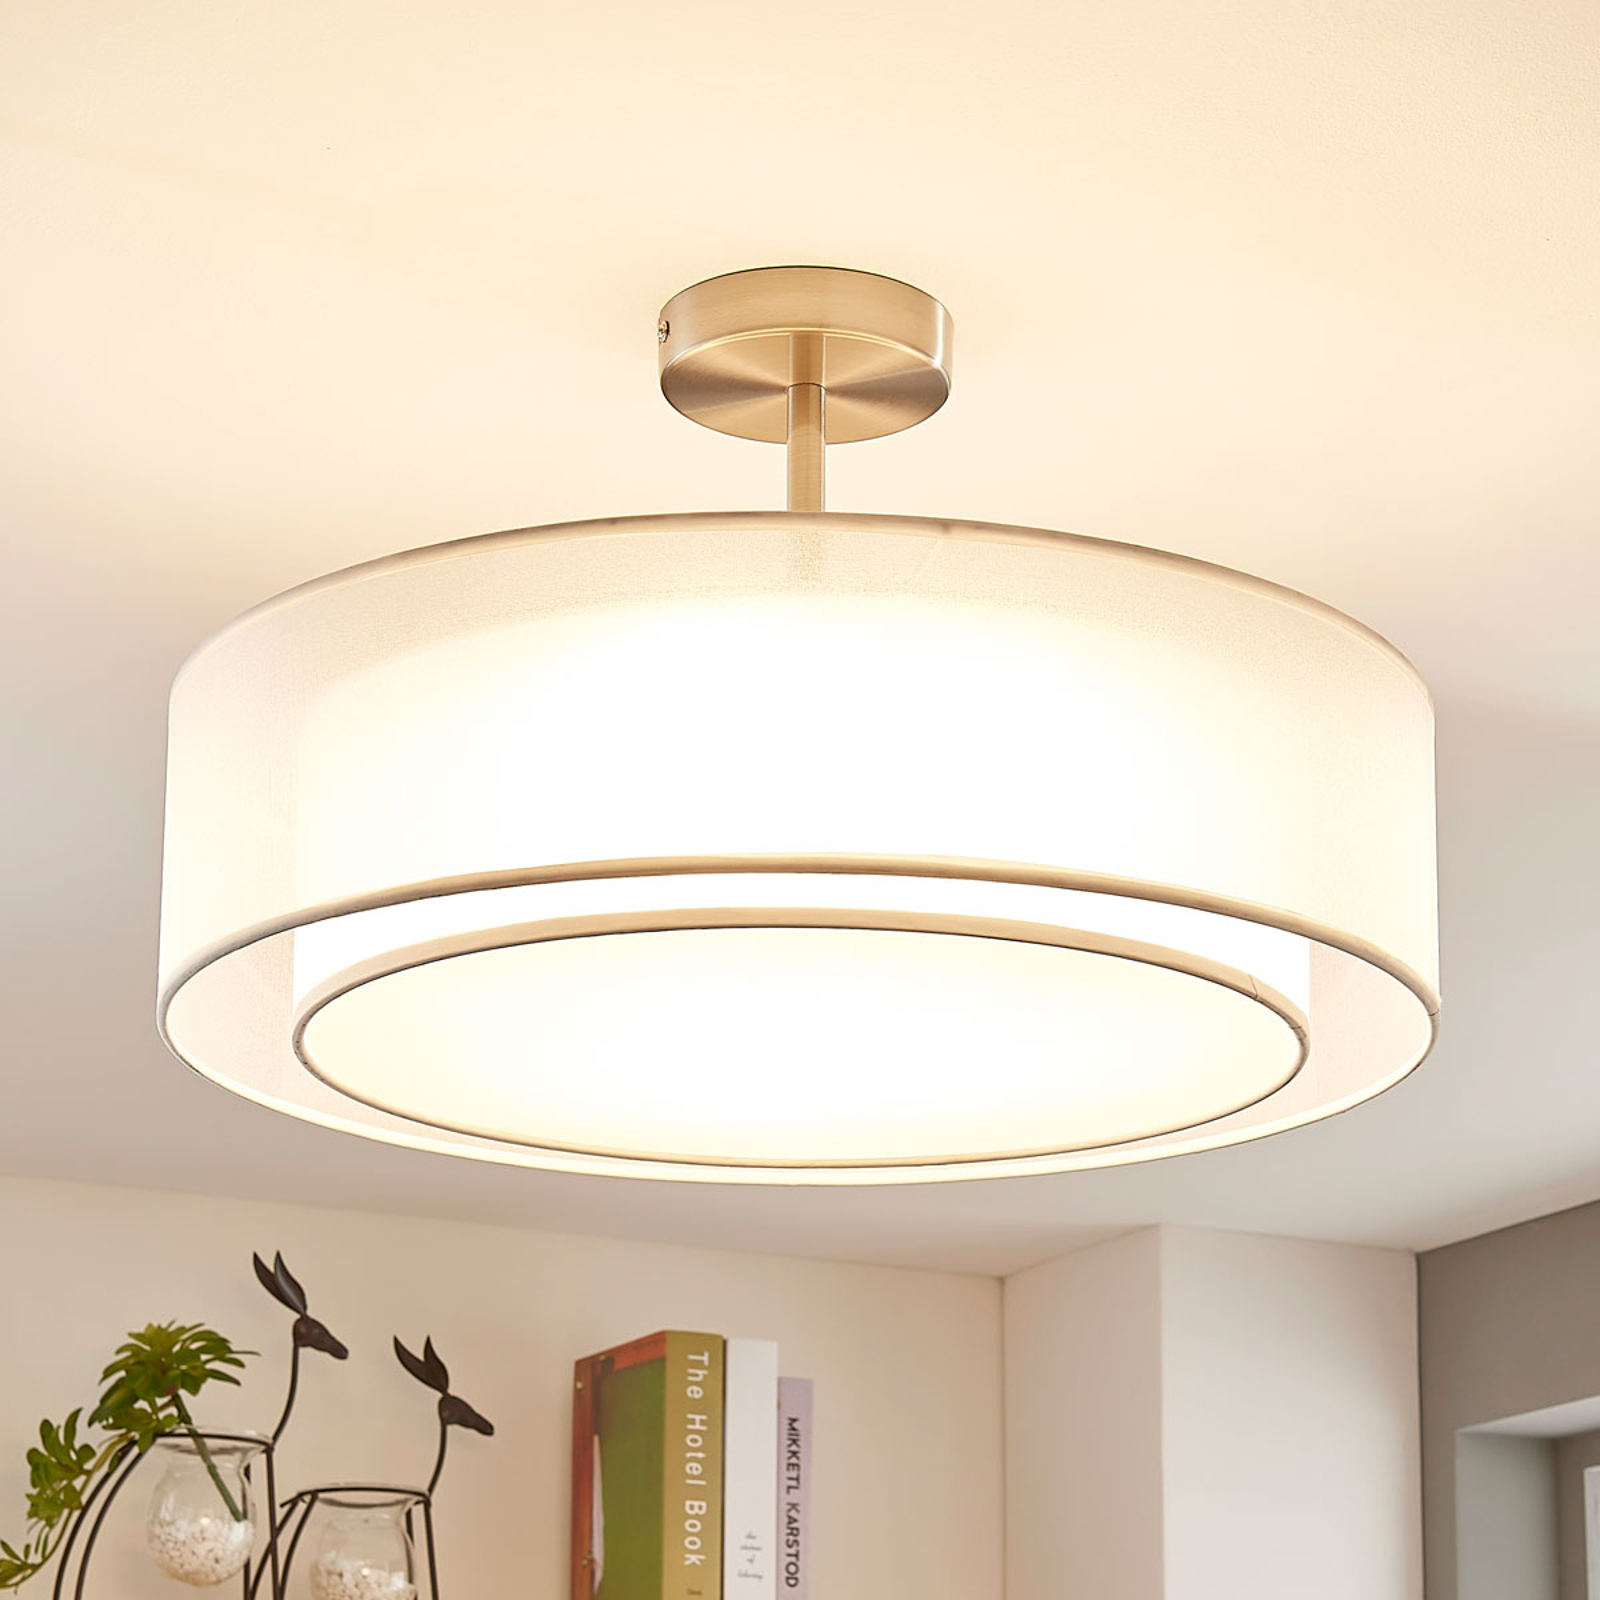 LED-taklampa Pikka, dimbar i 3 steg, vit